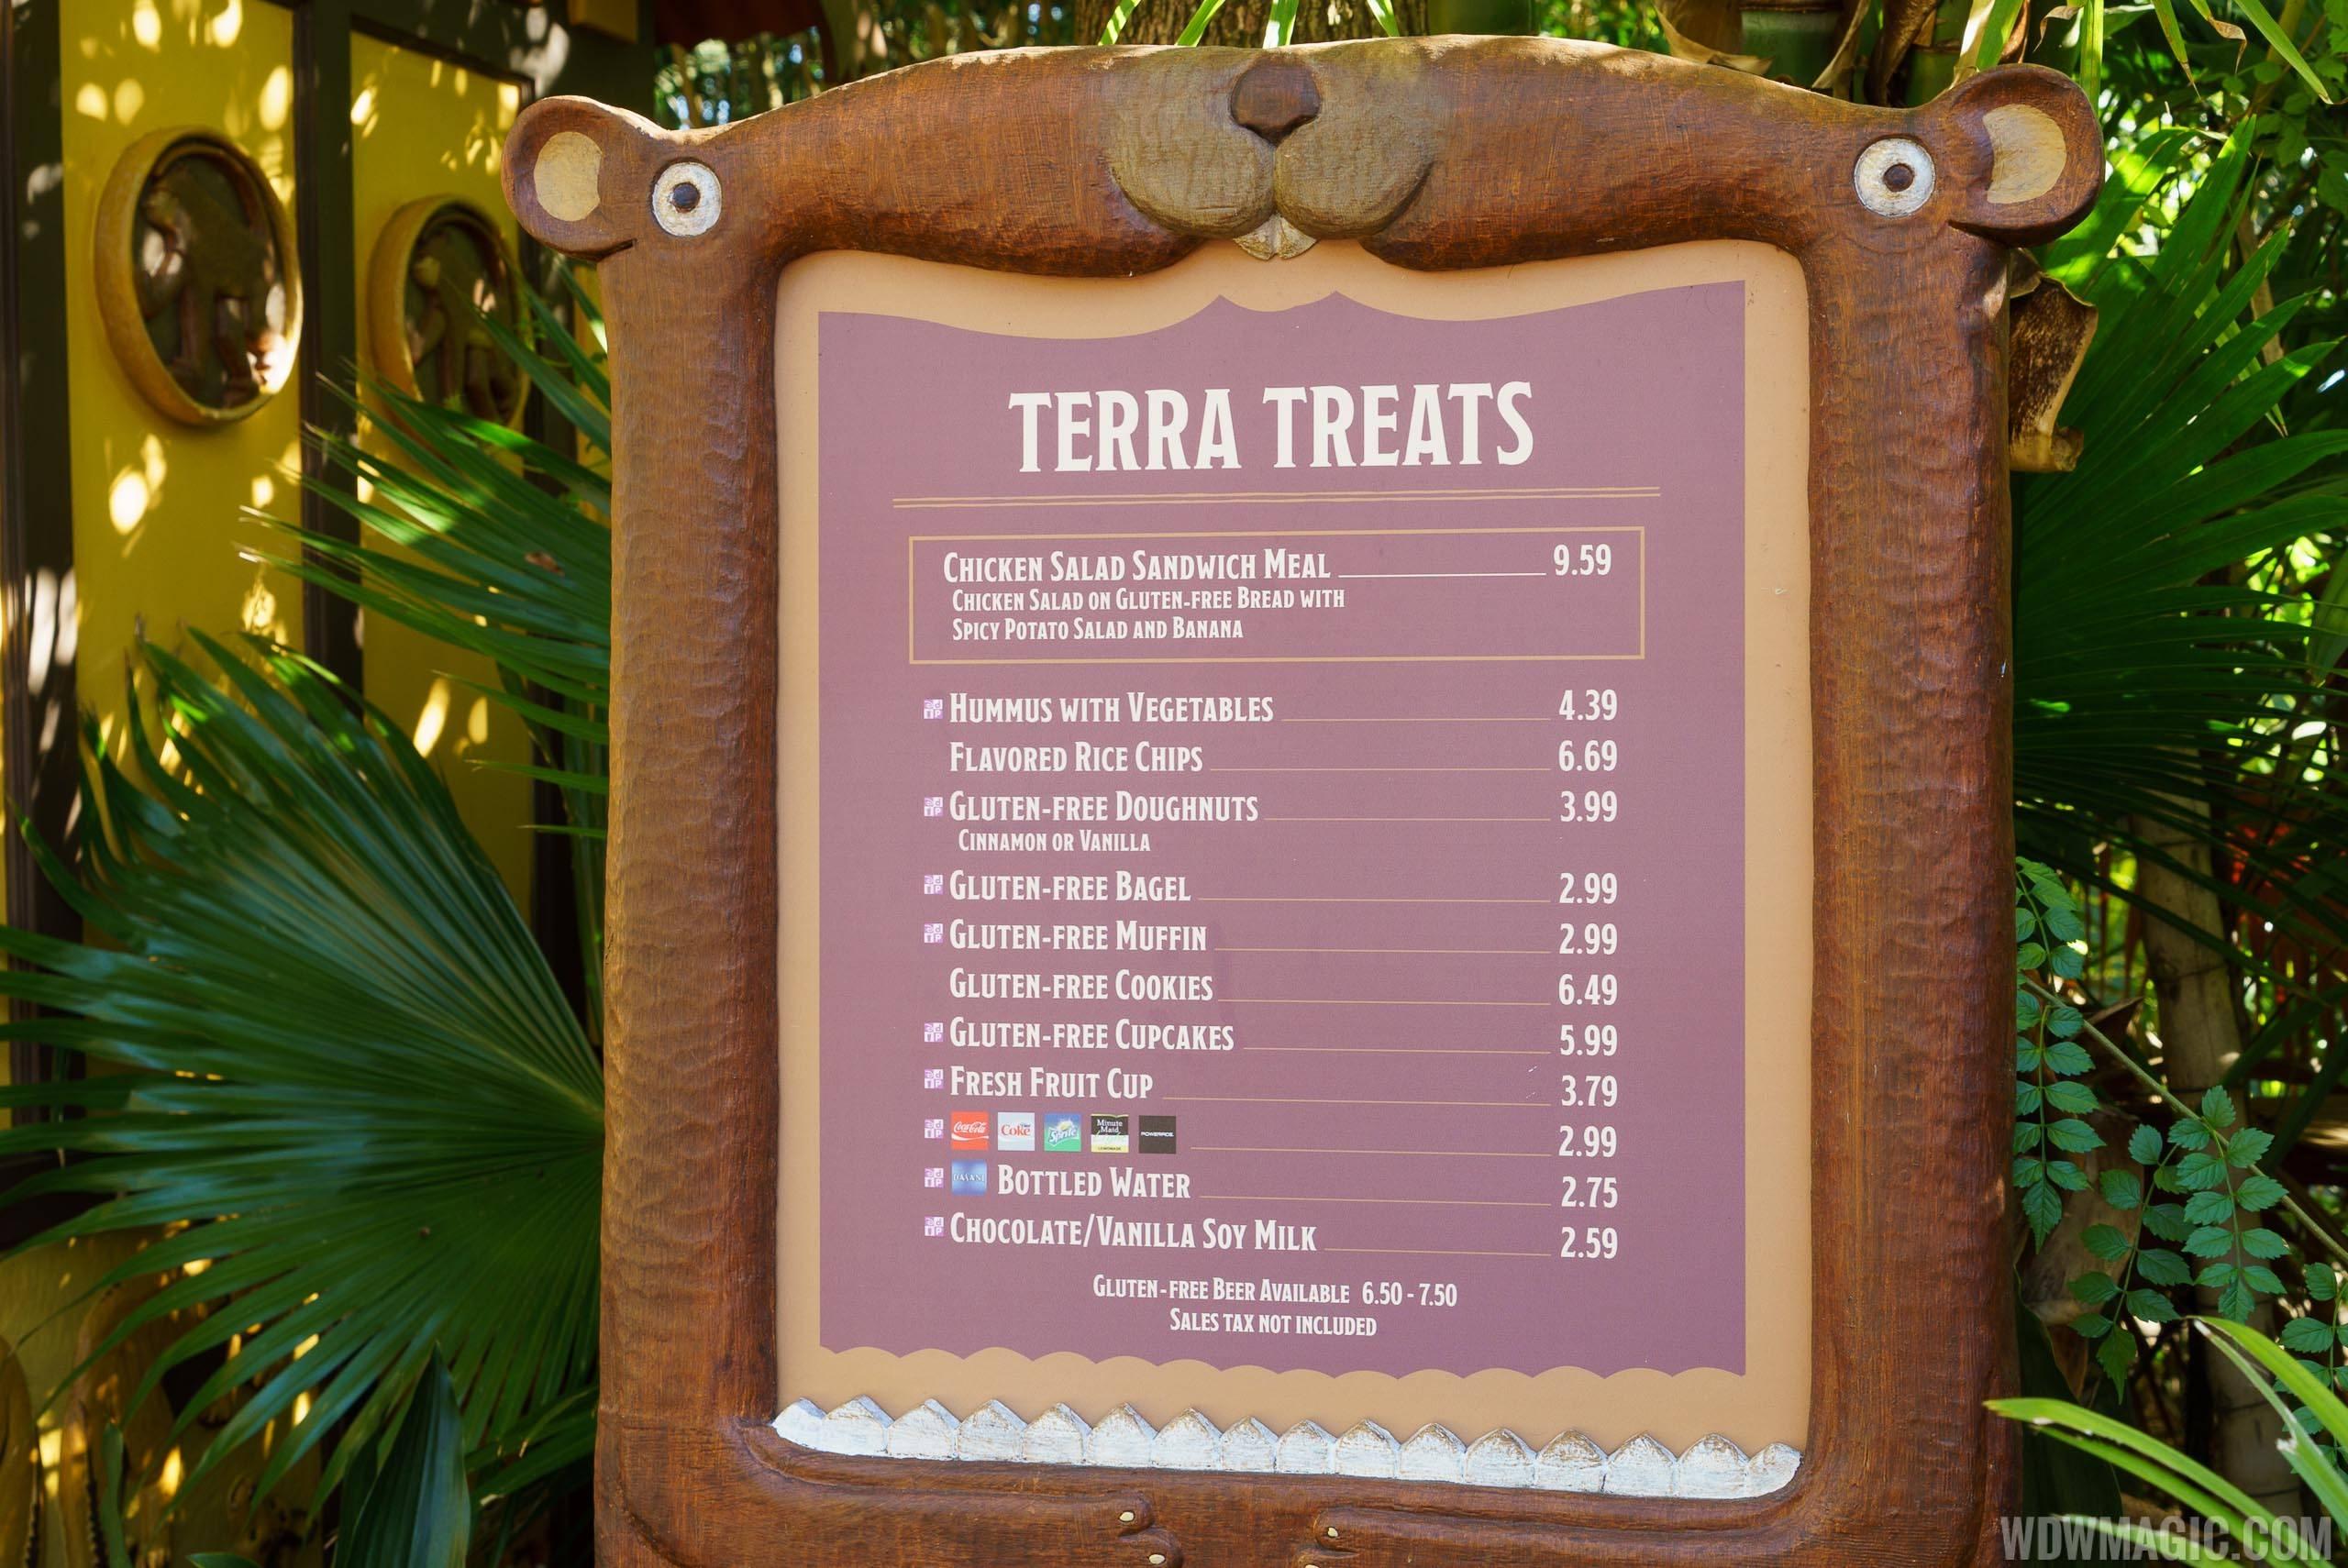 Terra Treats overview